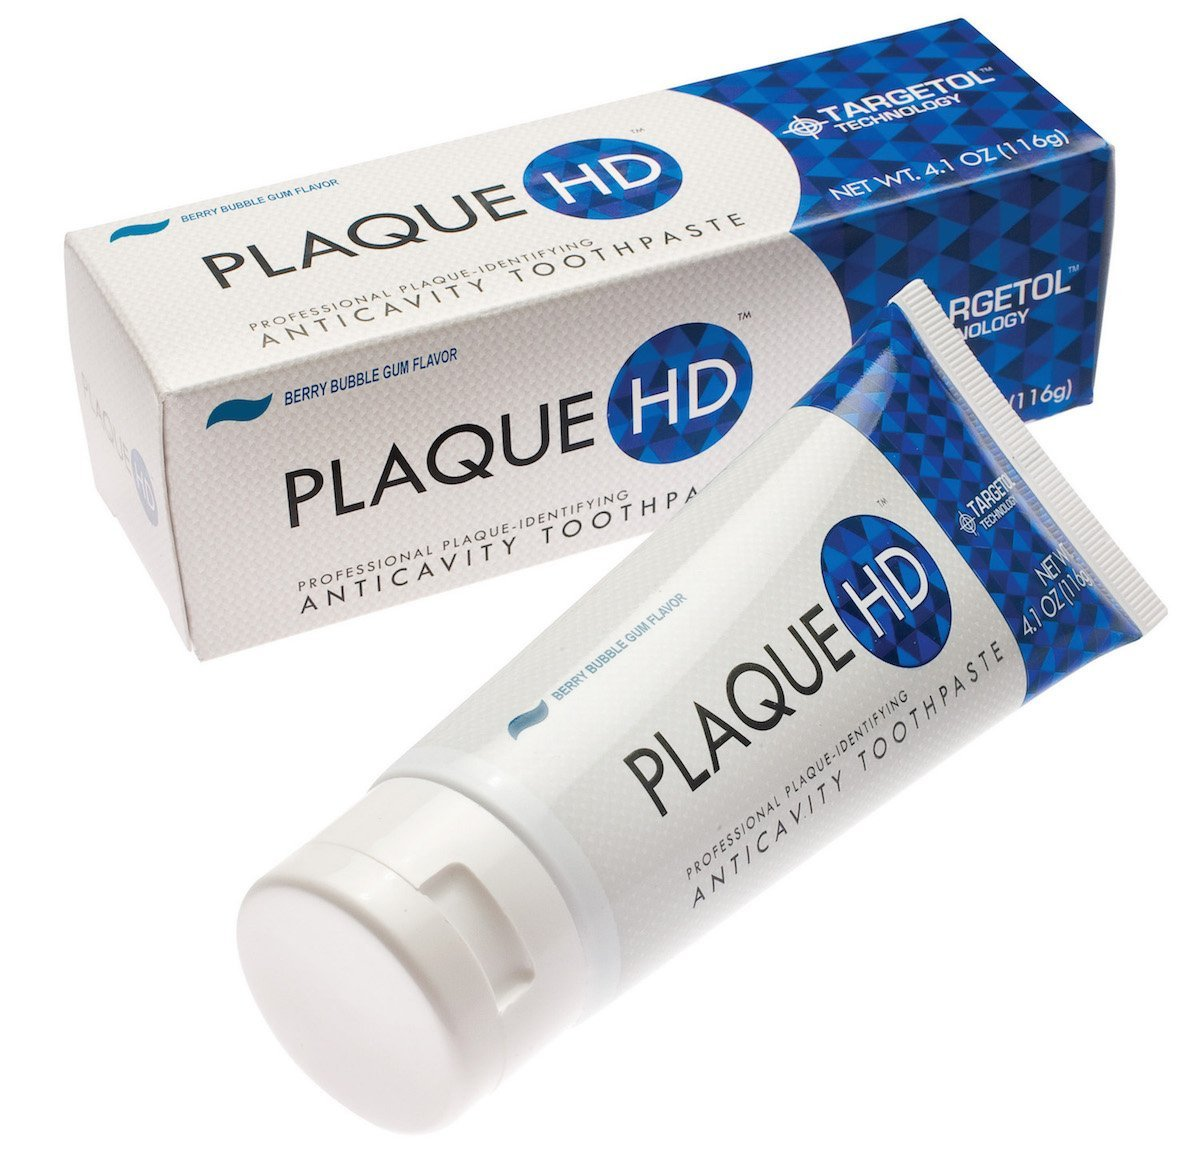 Plaque HD Toothpaste  (Berry Bubble Gum)